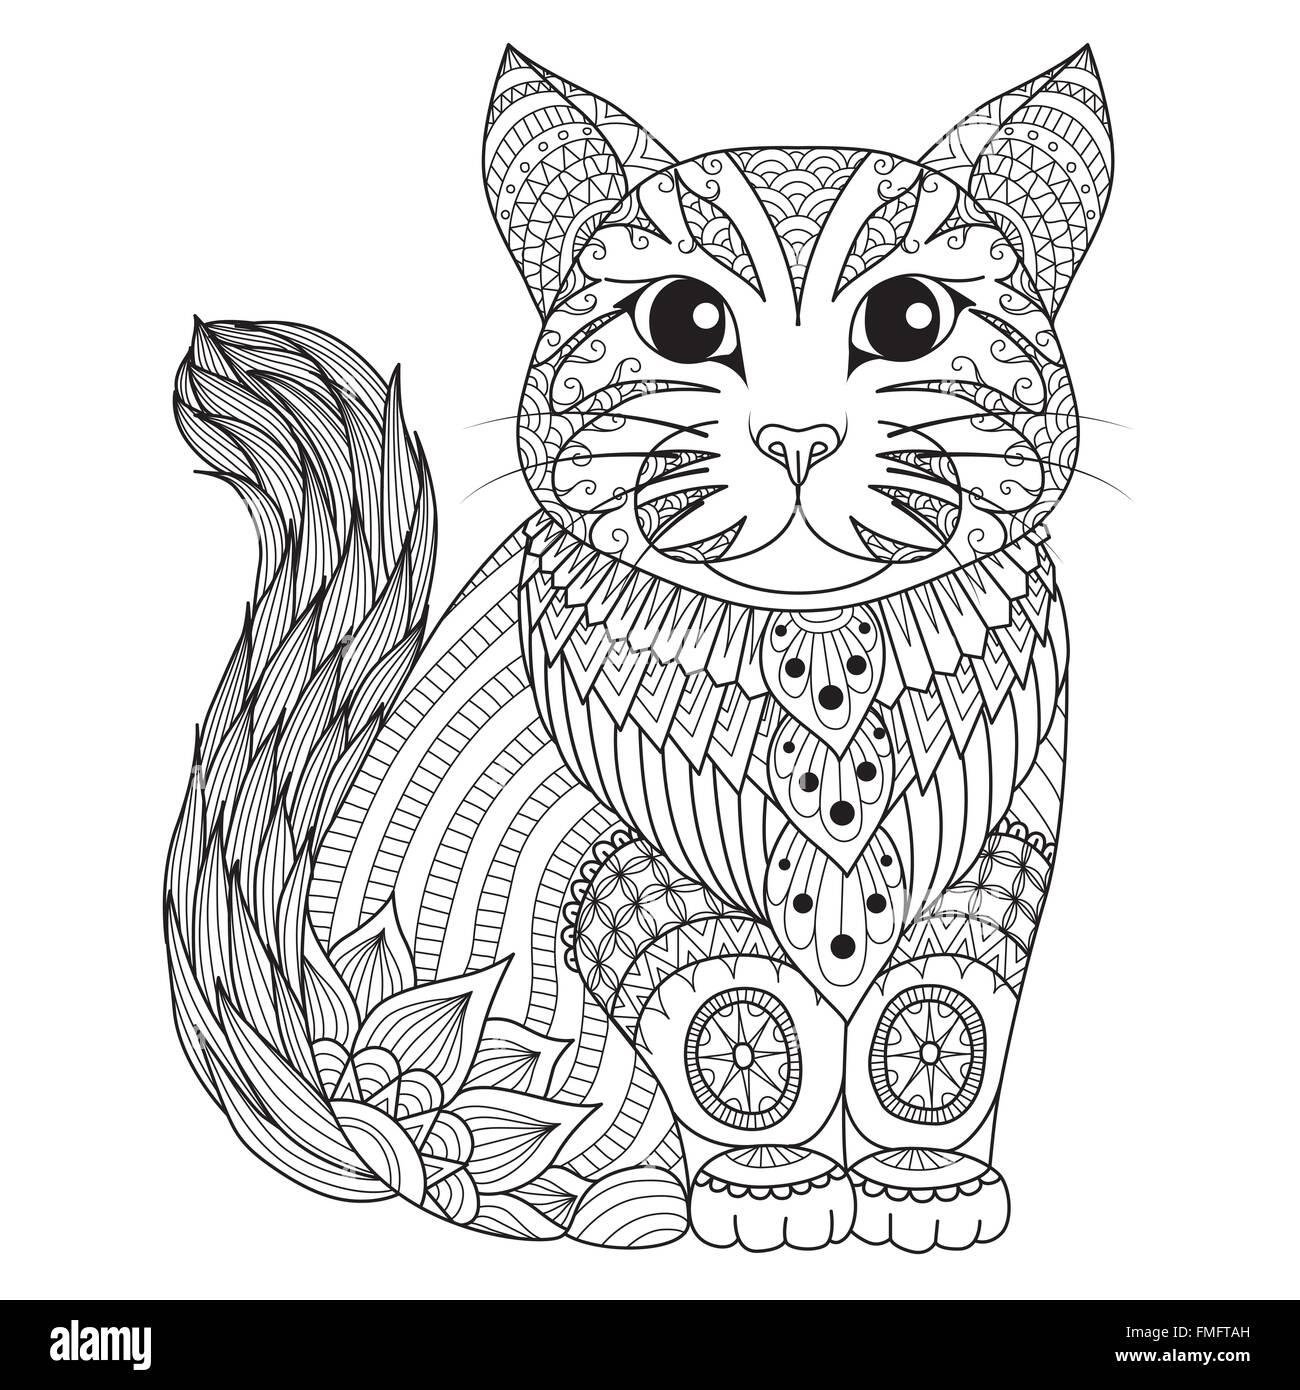 Zeichnung Zentangle Katze für die Färbung Seite, Shirt Design Effekt ...